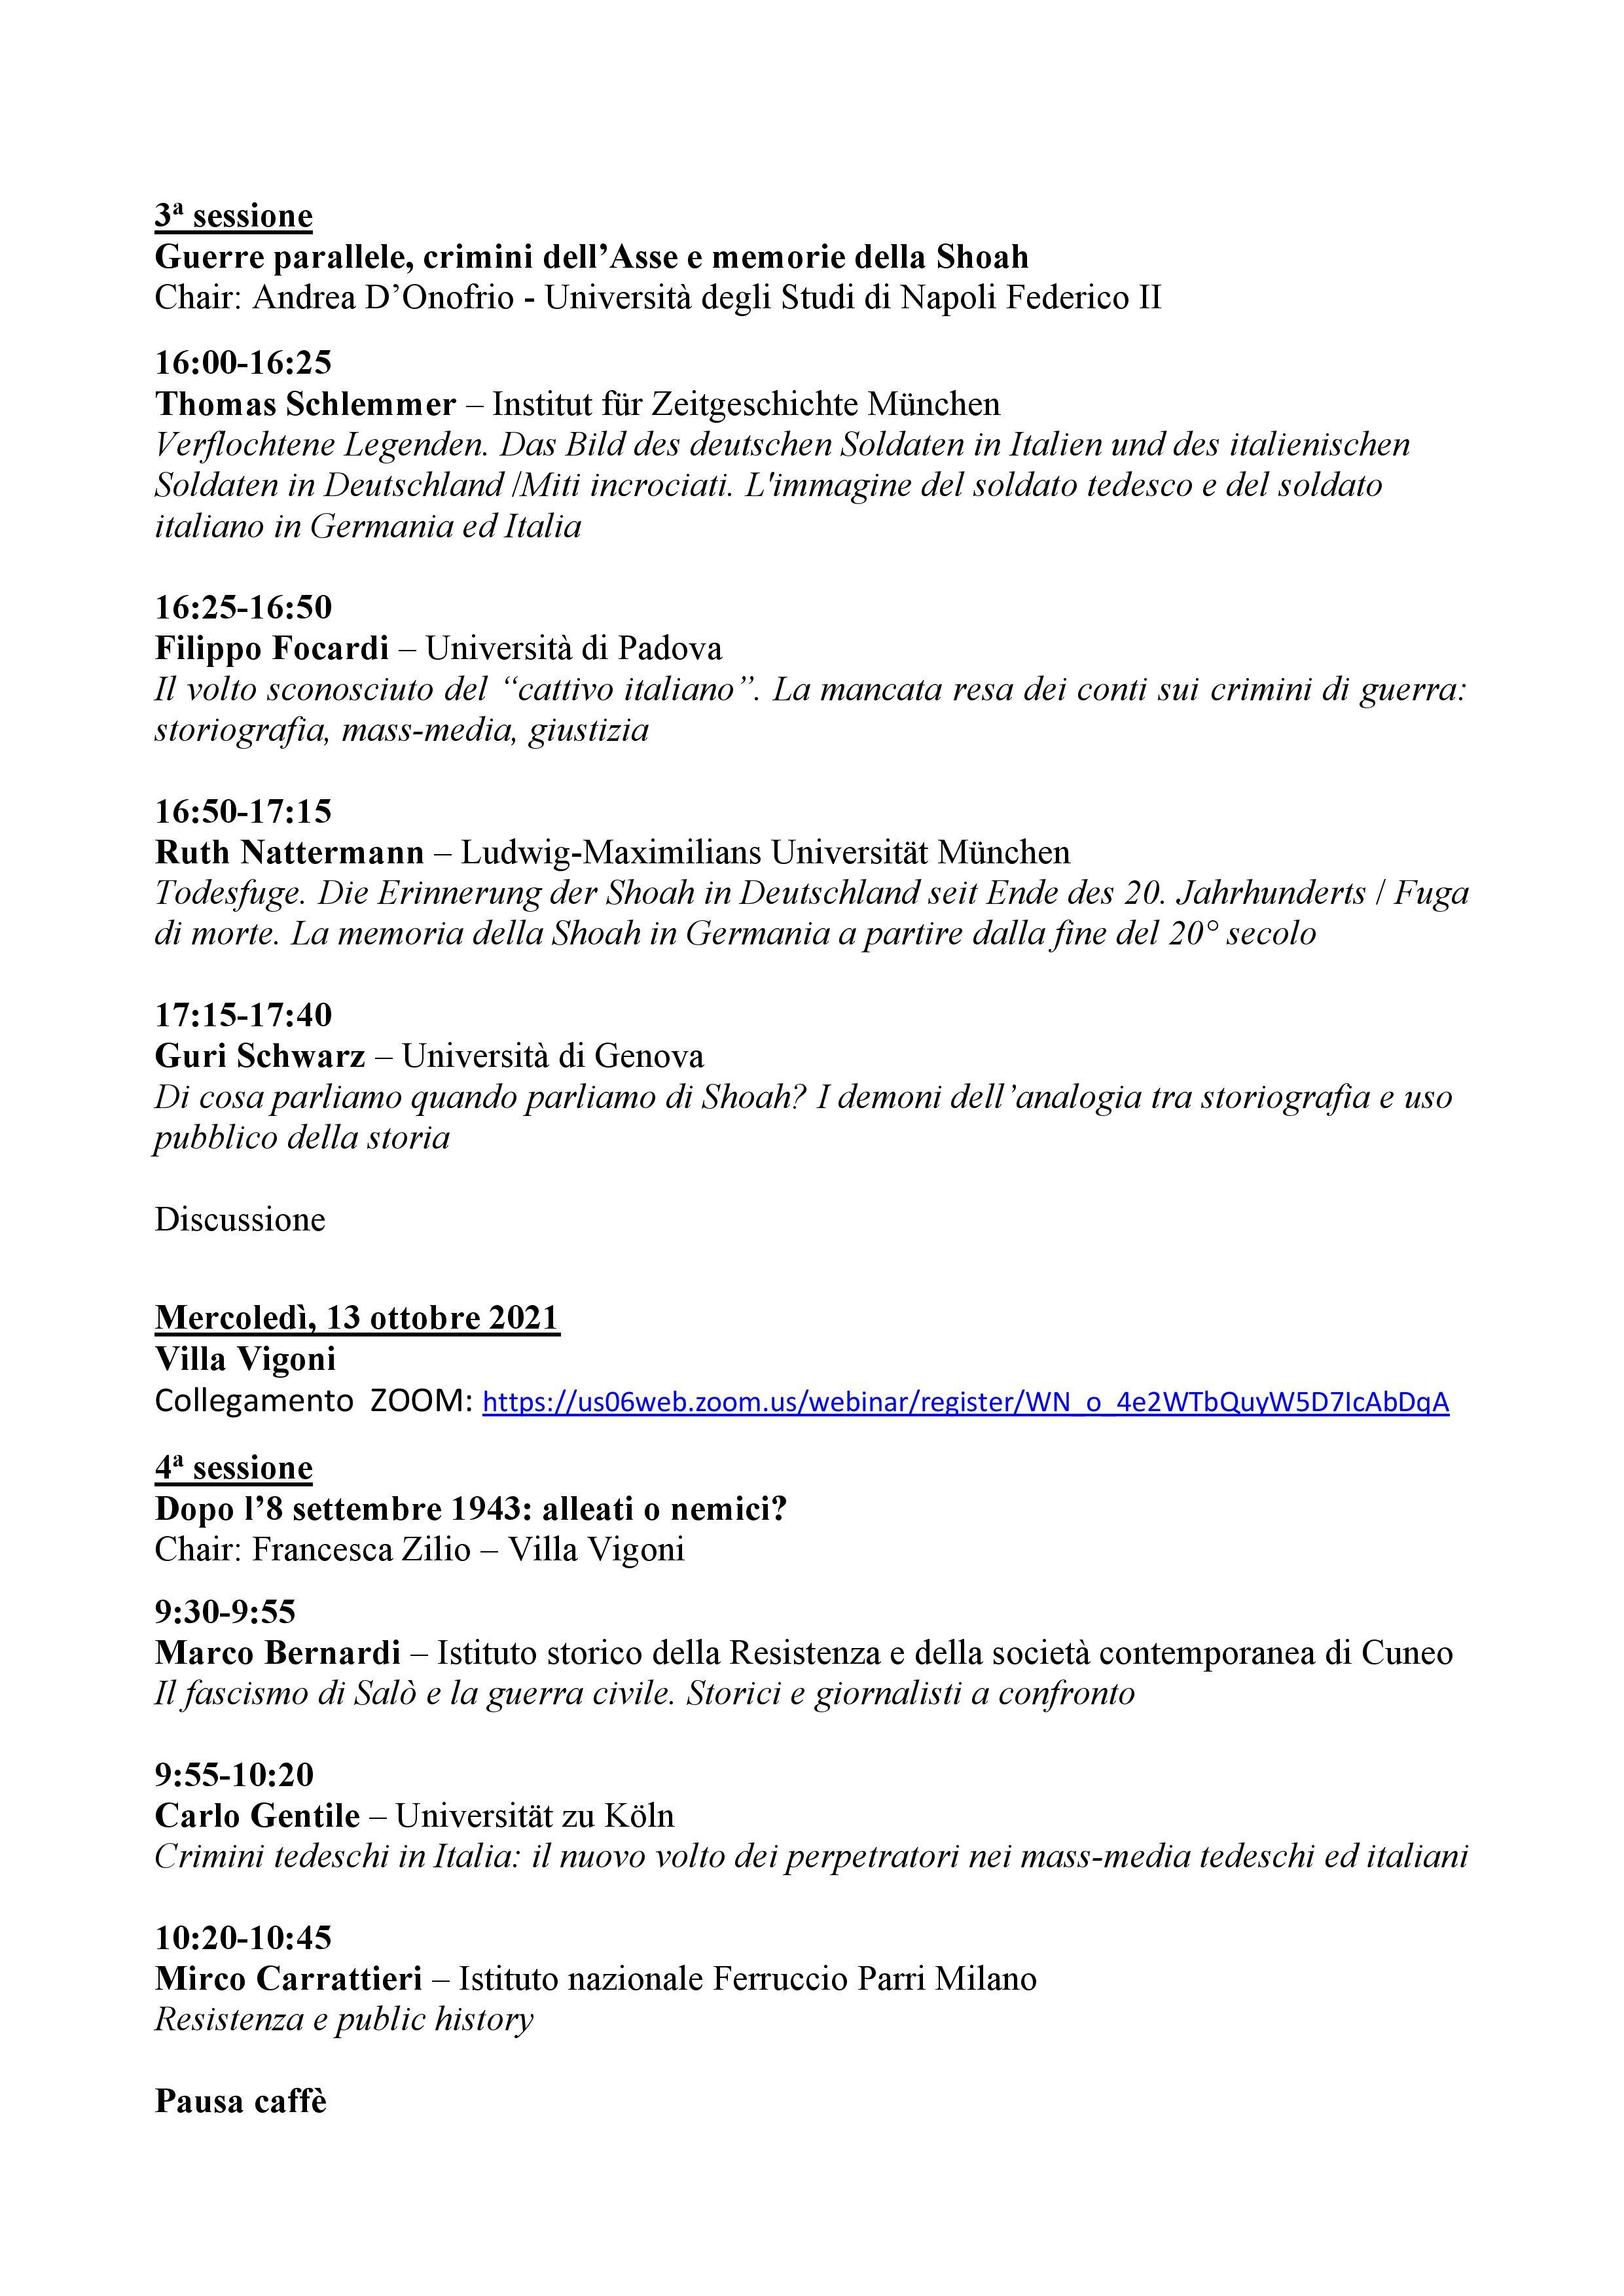 Programma def Convegno SISCALT- Villa.Vigoni 11-13 ottobre 2021 corretto-page-003